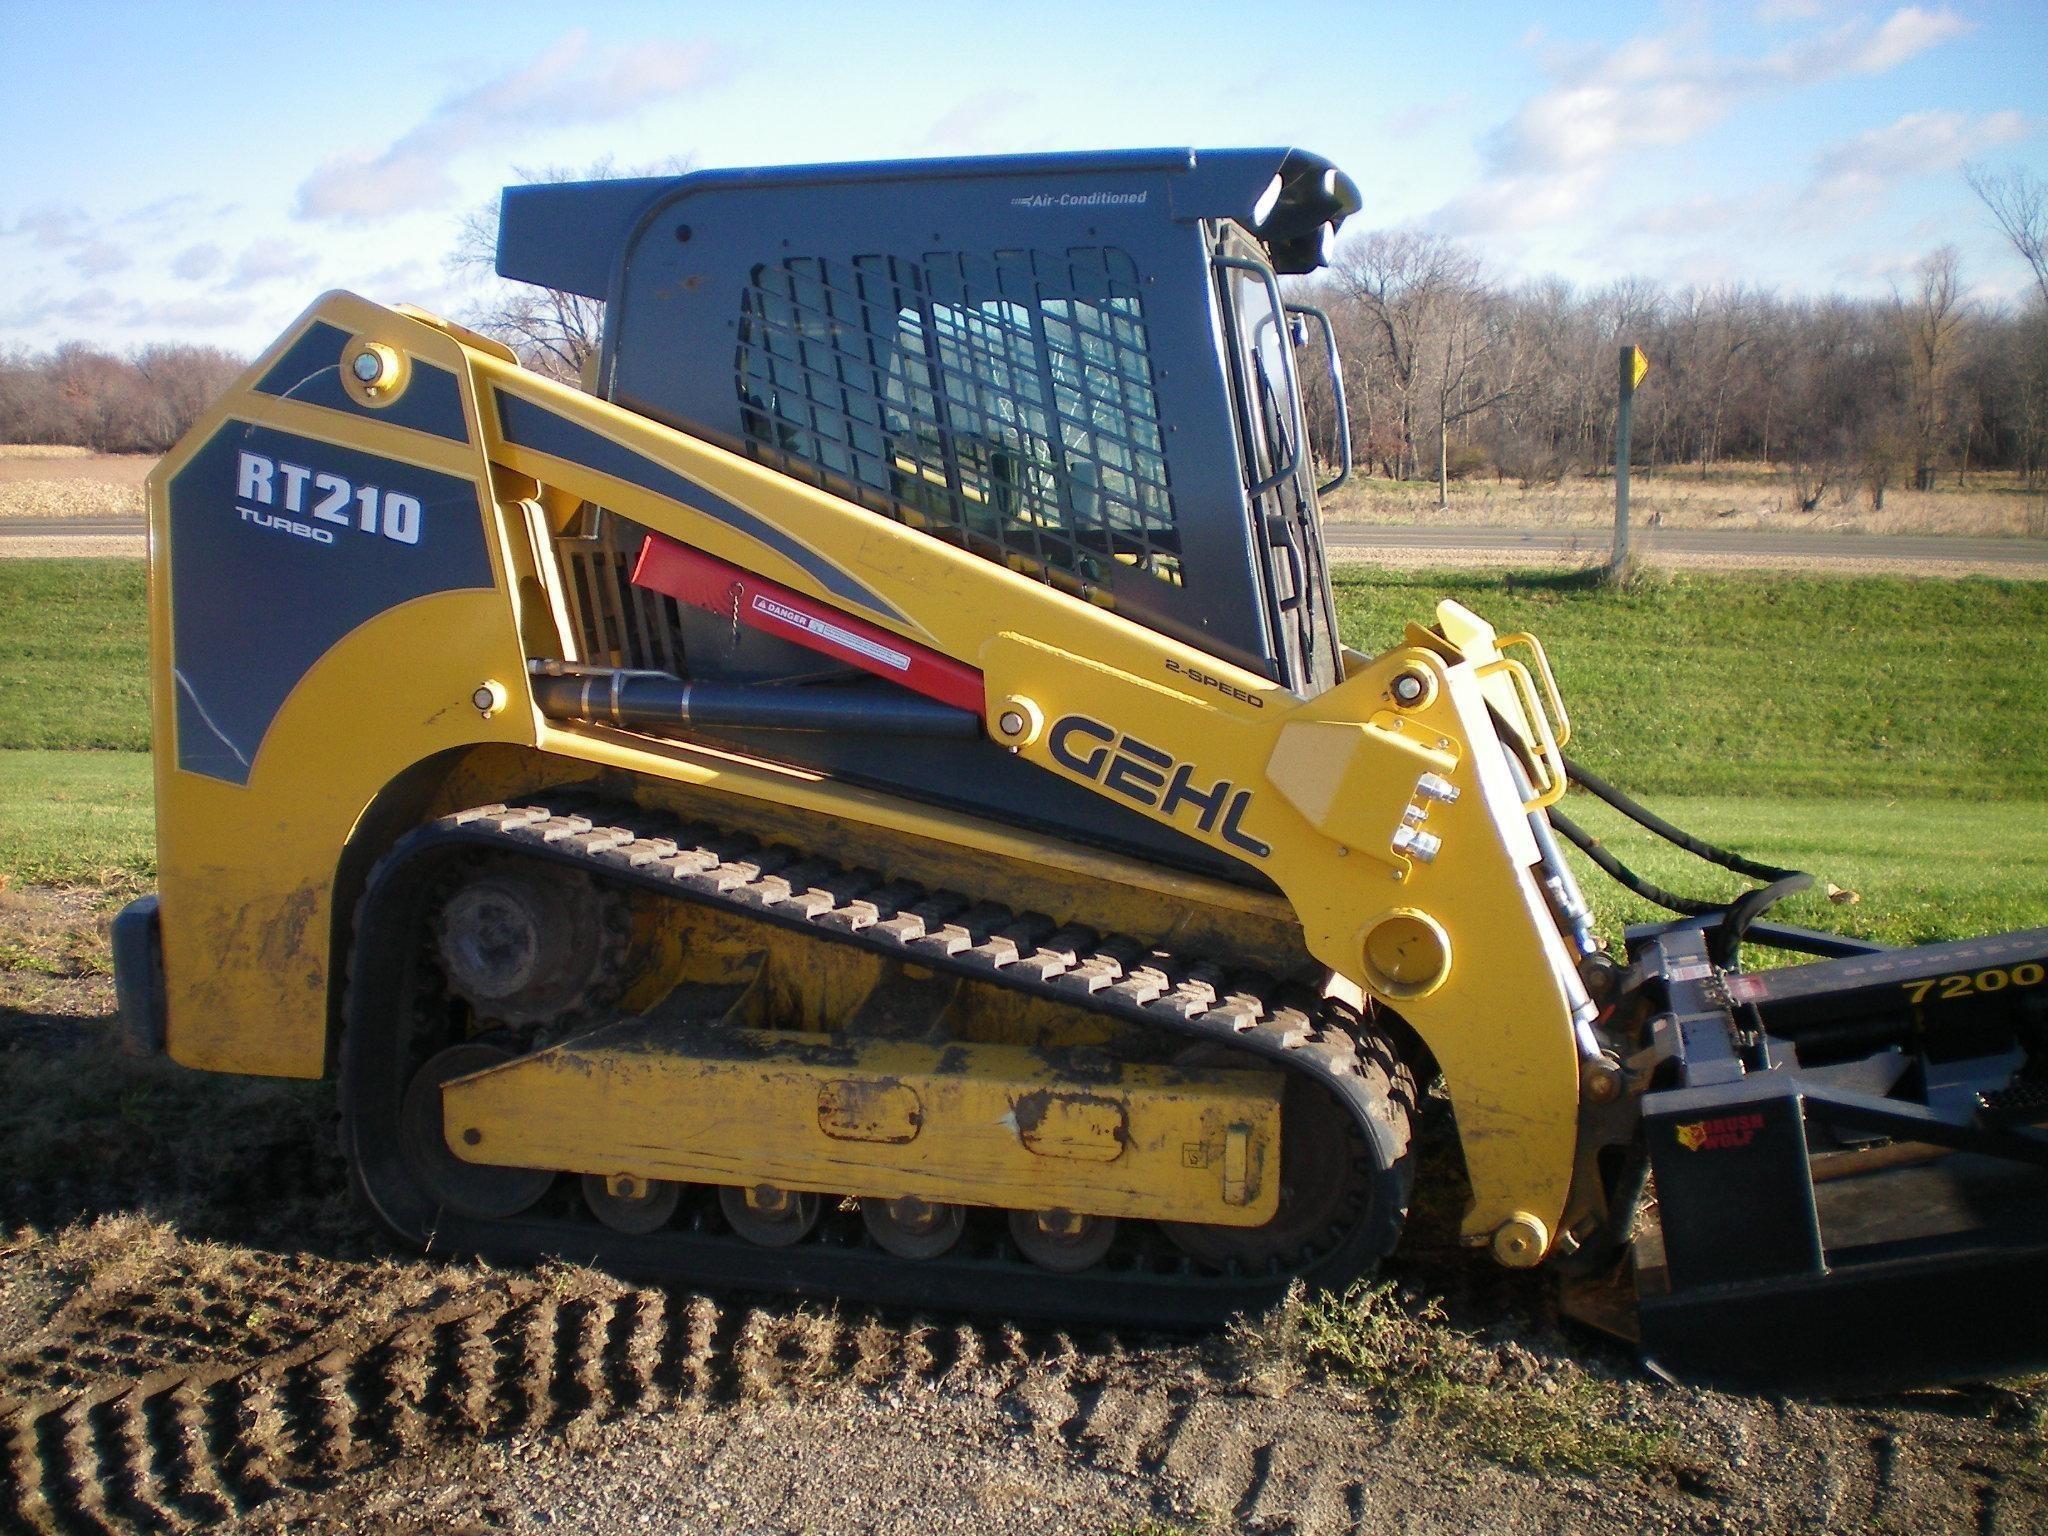 2012 Gehl RT210 Skid Steer